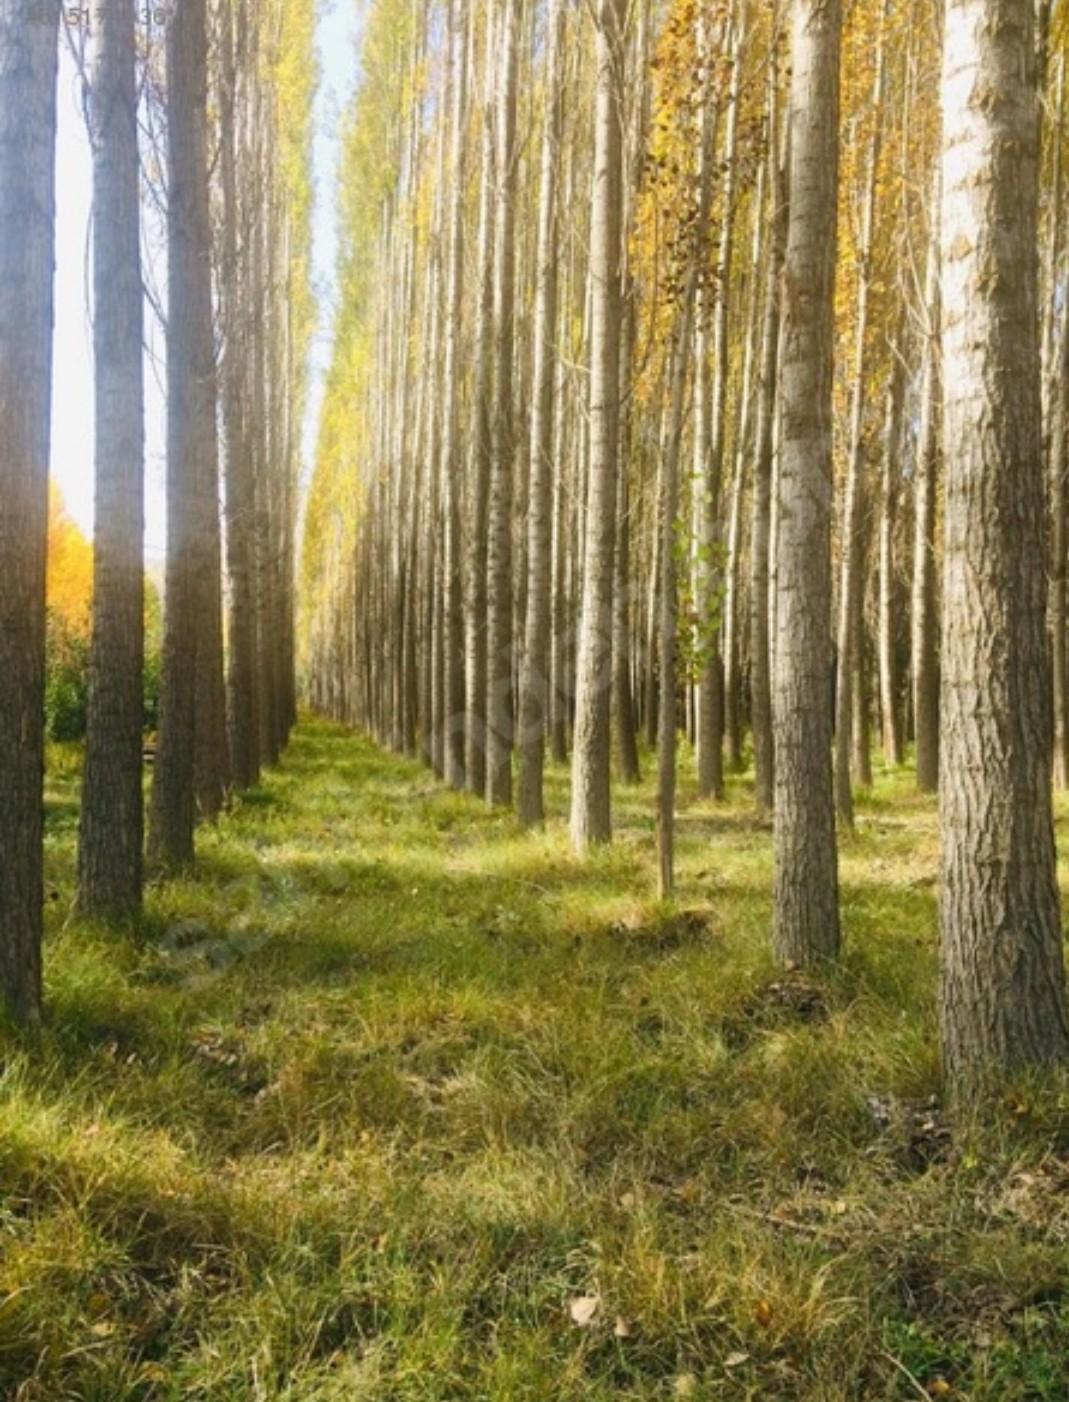 Kavak ağacı - Üretici Mahmut Aksarı 1 tl fiyat ile 100.000 adet kavak ağacı  satmak istiyor